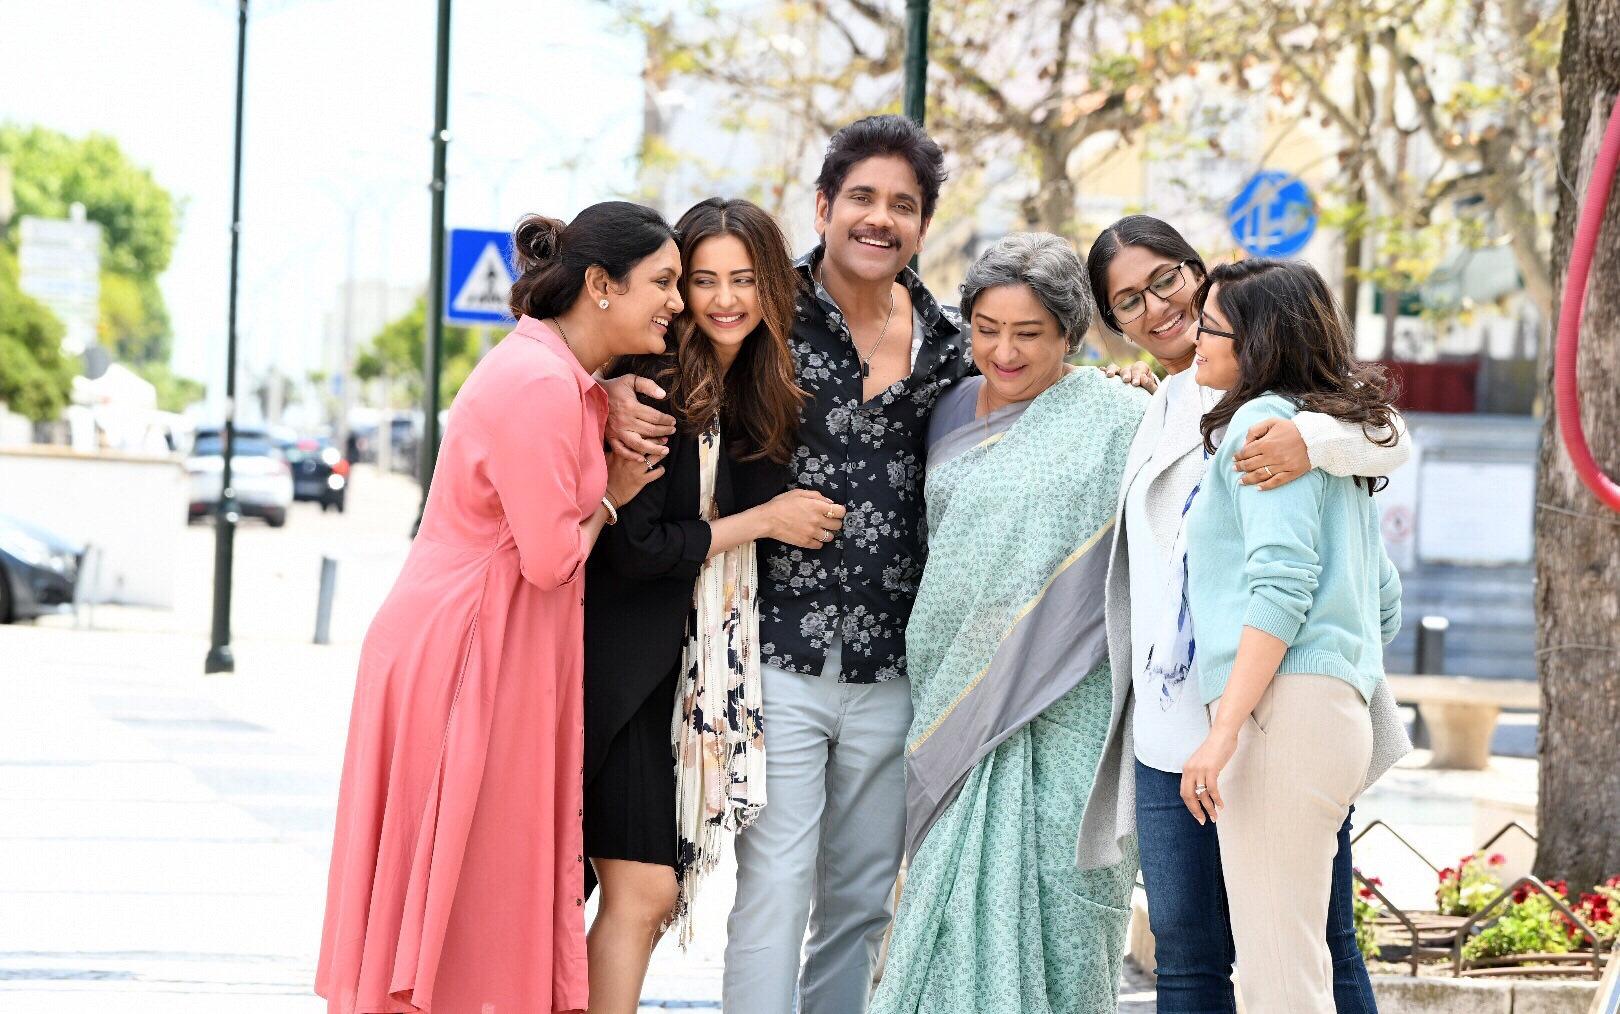 Devadarshini, Rakul Preet, Nagarjuna, Lakshmi, Jhansi @ Manmadhudu 2 movie sets Laugh riot